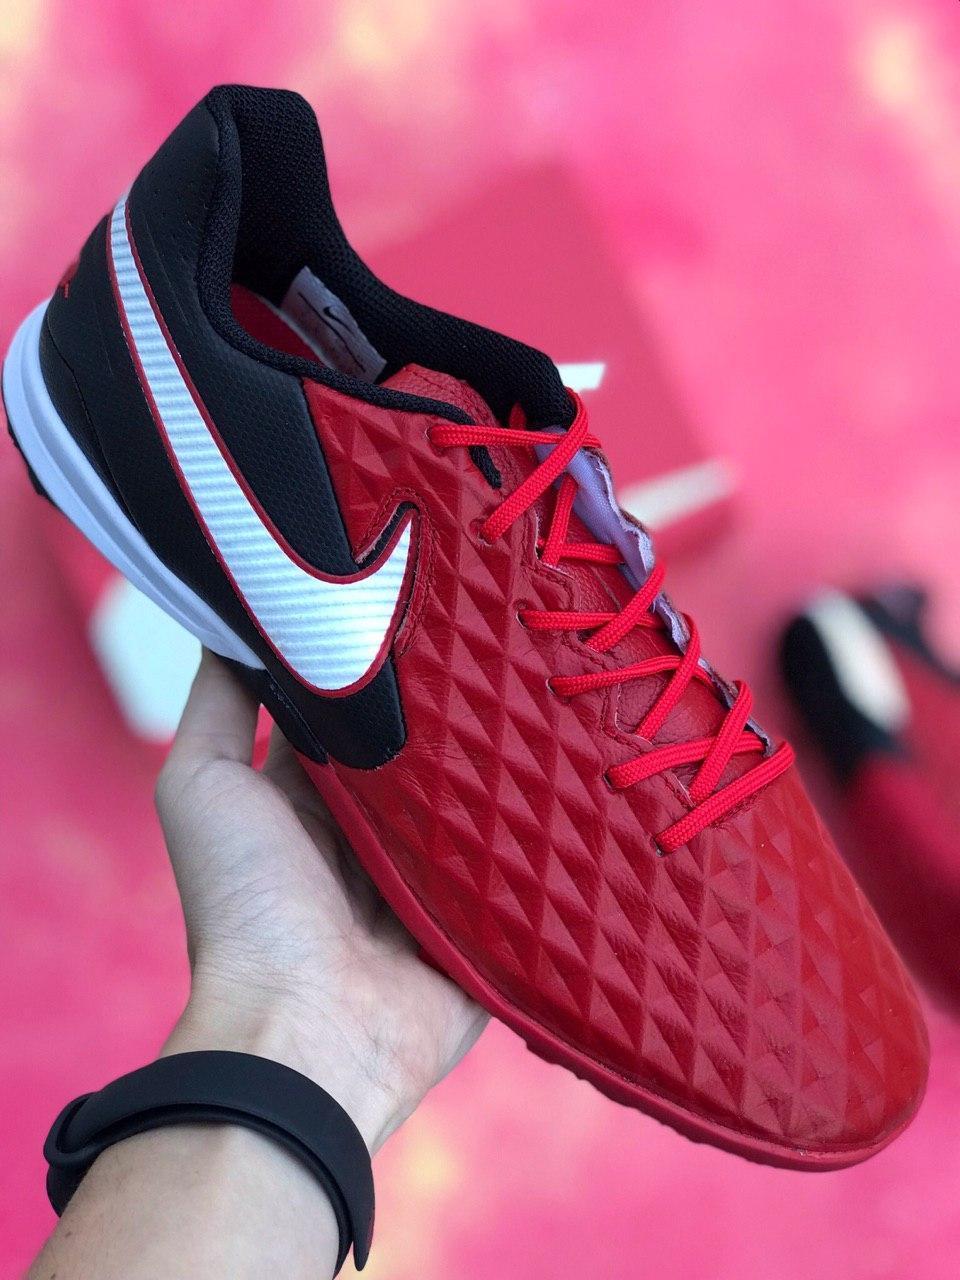 Сороконожки Nike Tiempo Legend 8/футбольная обувь/найк темпо - 40, 41